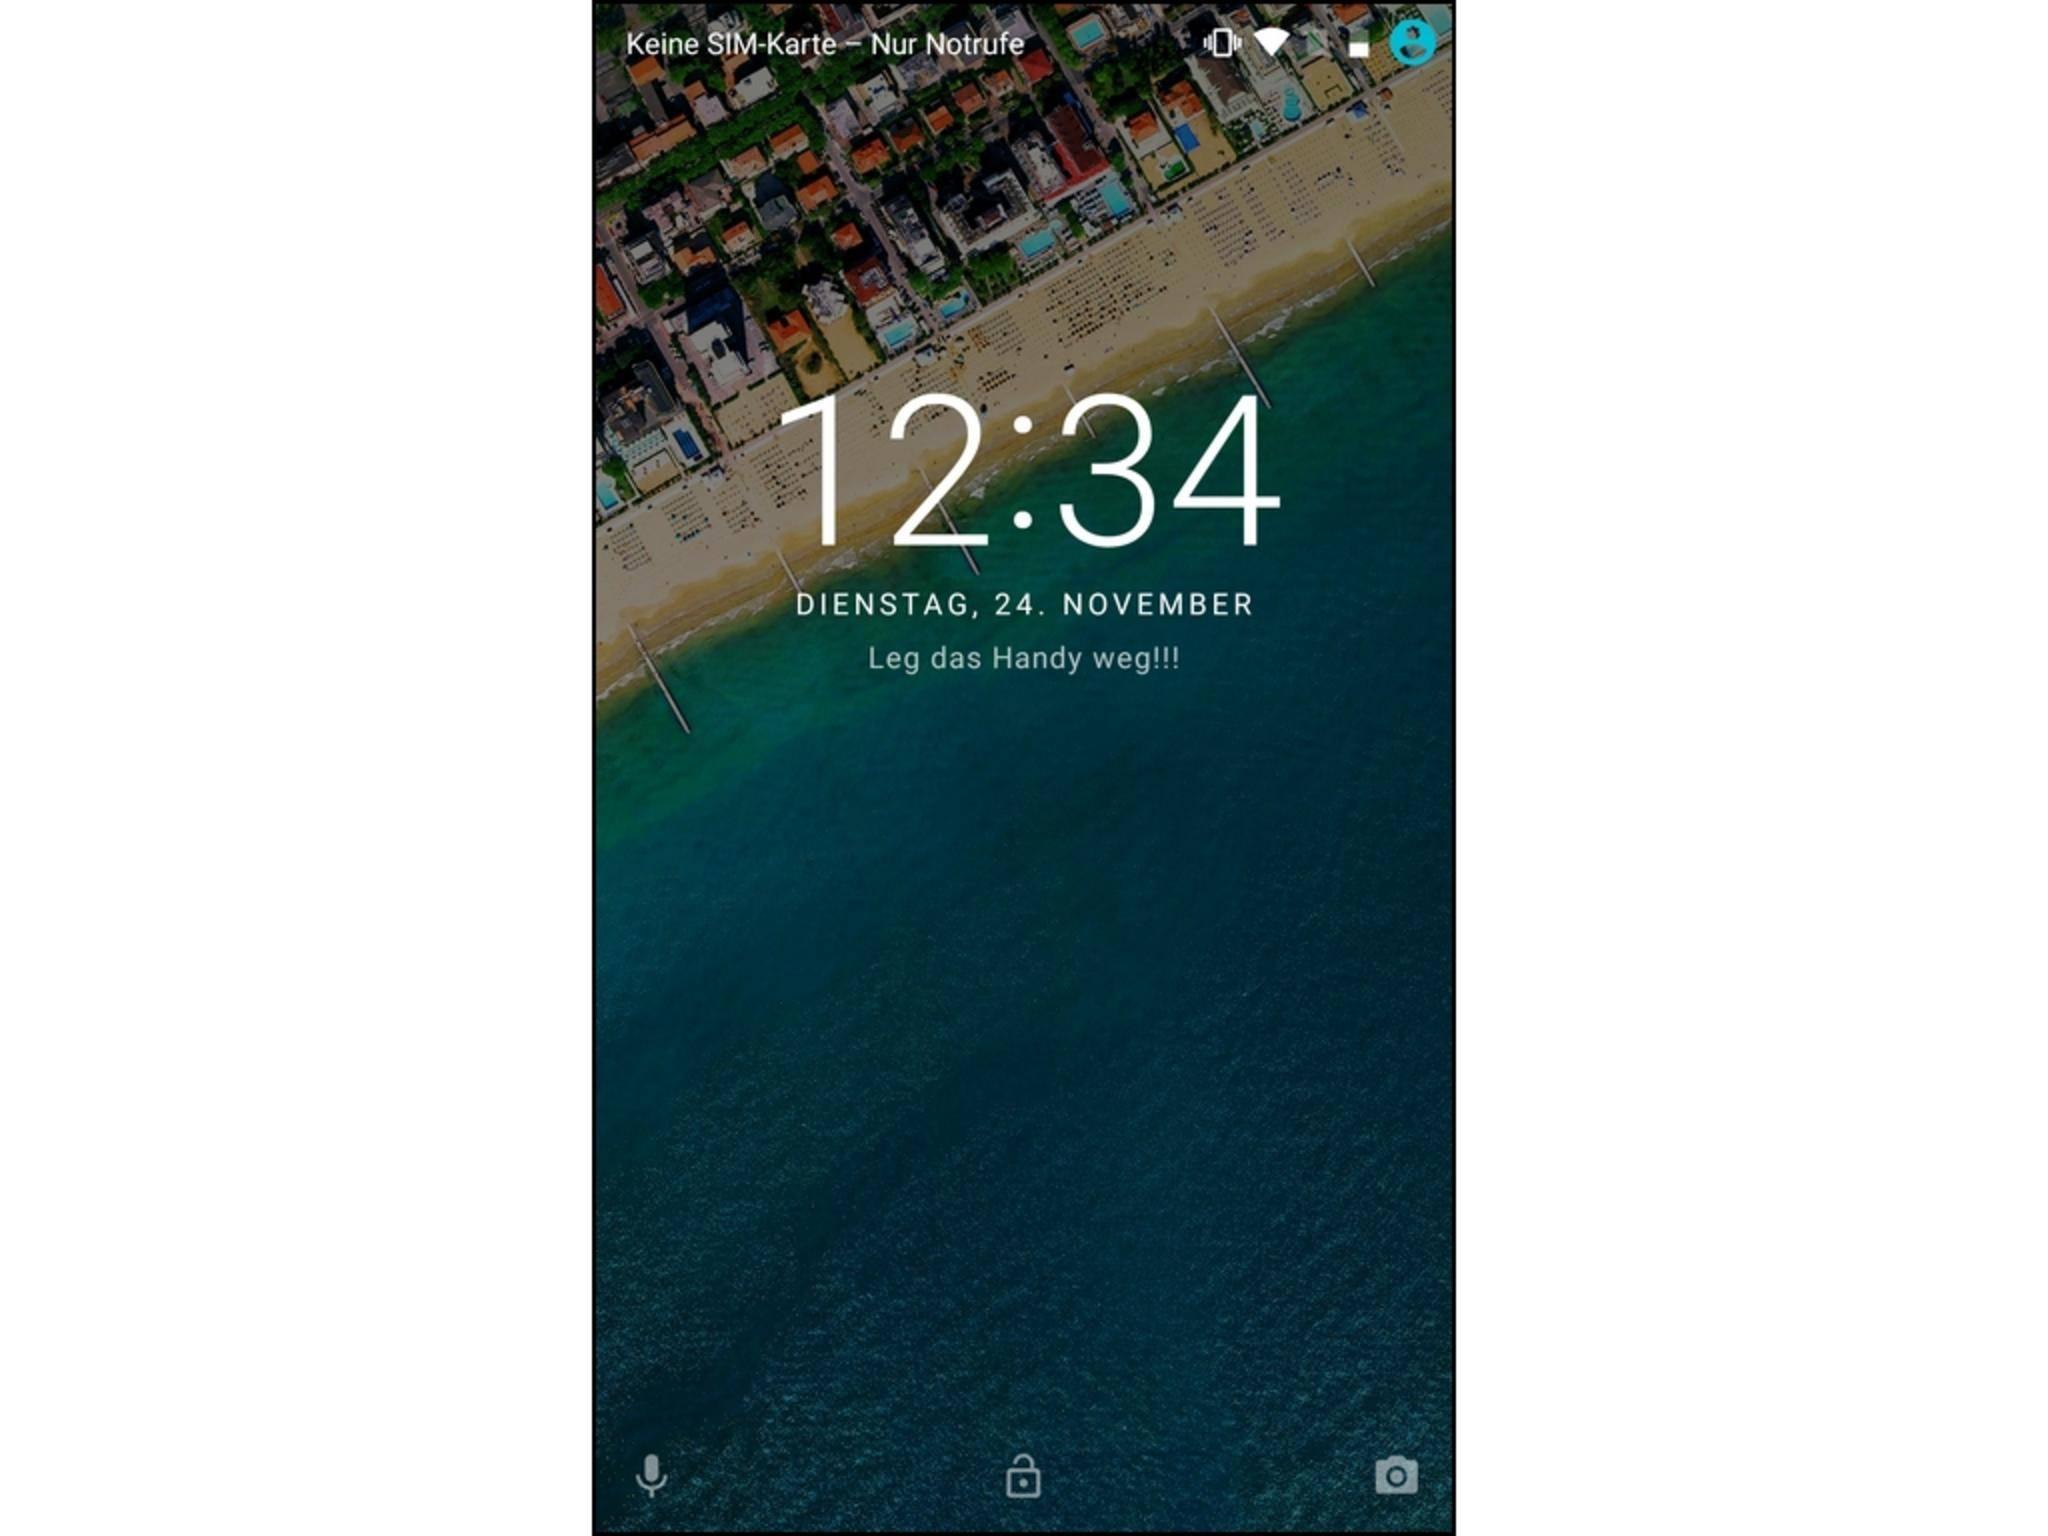 Android6_Sperrbildschirm02